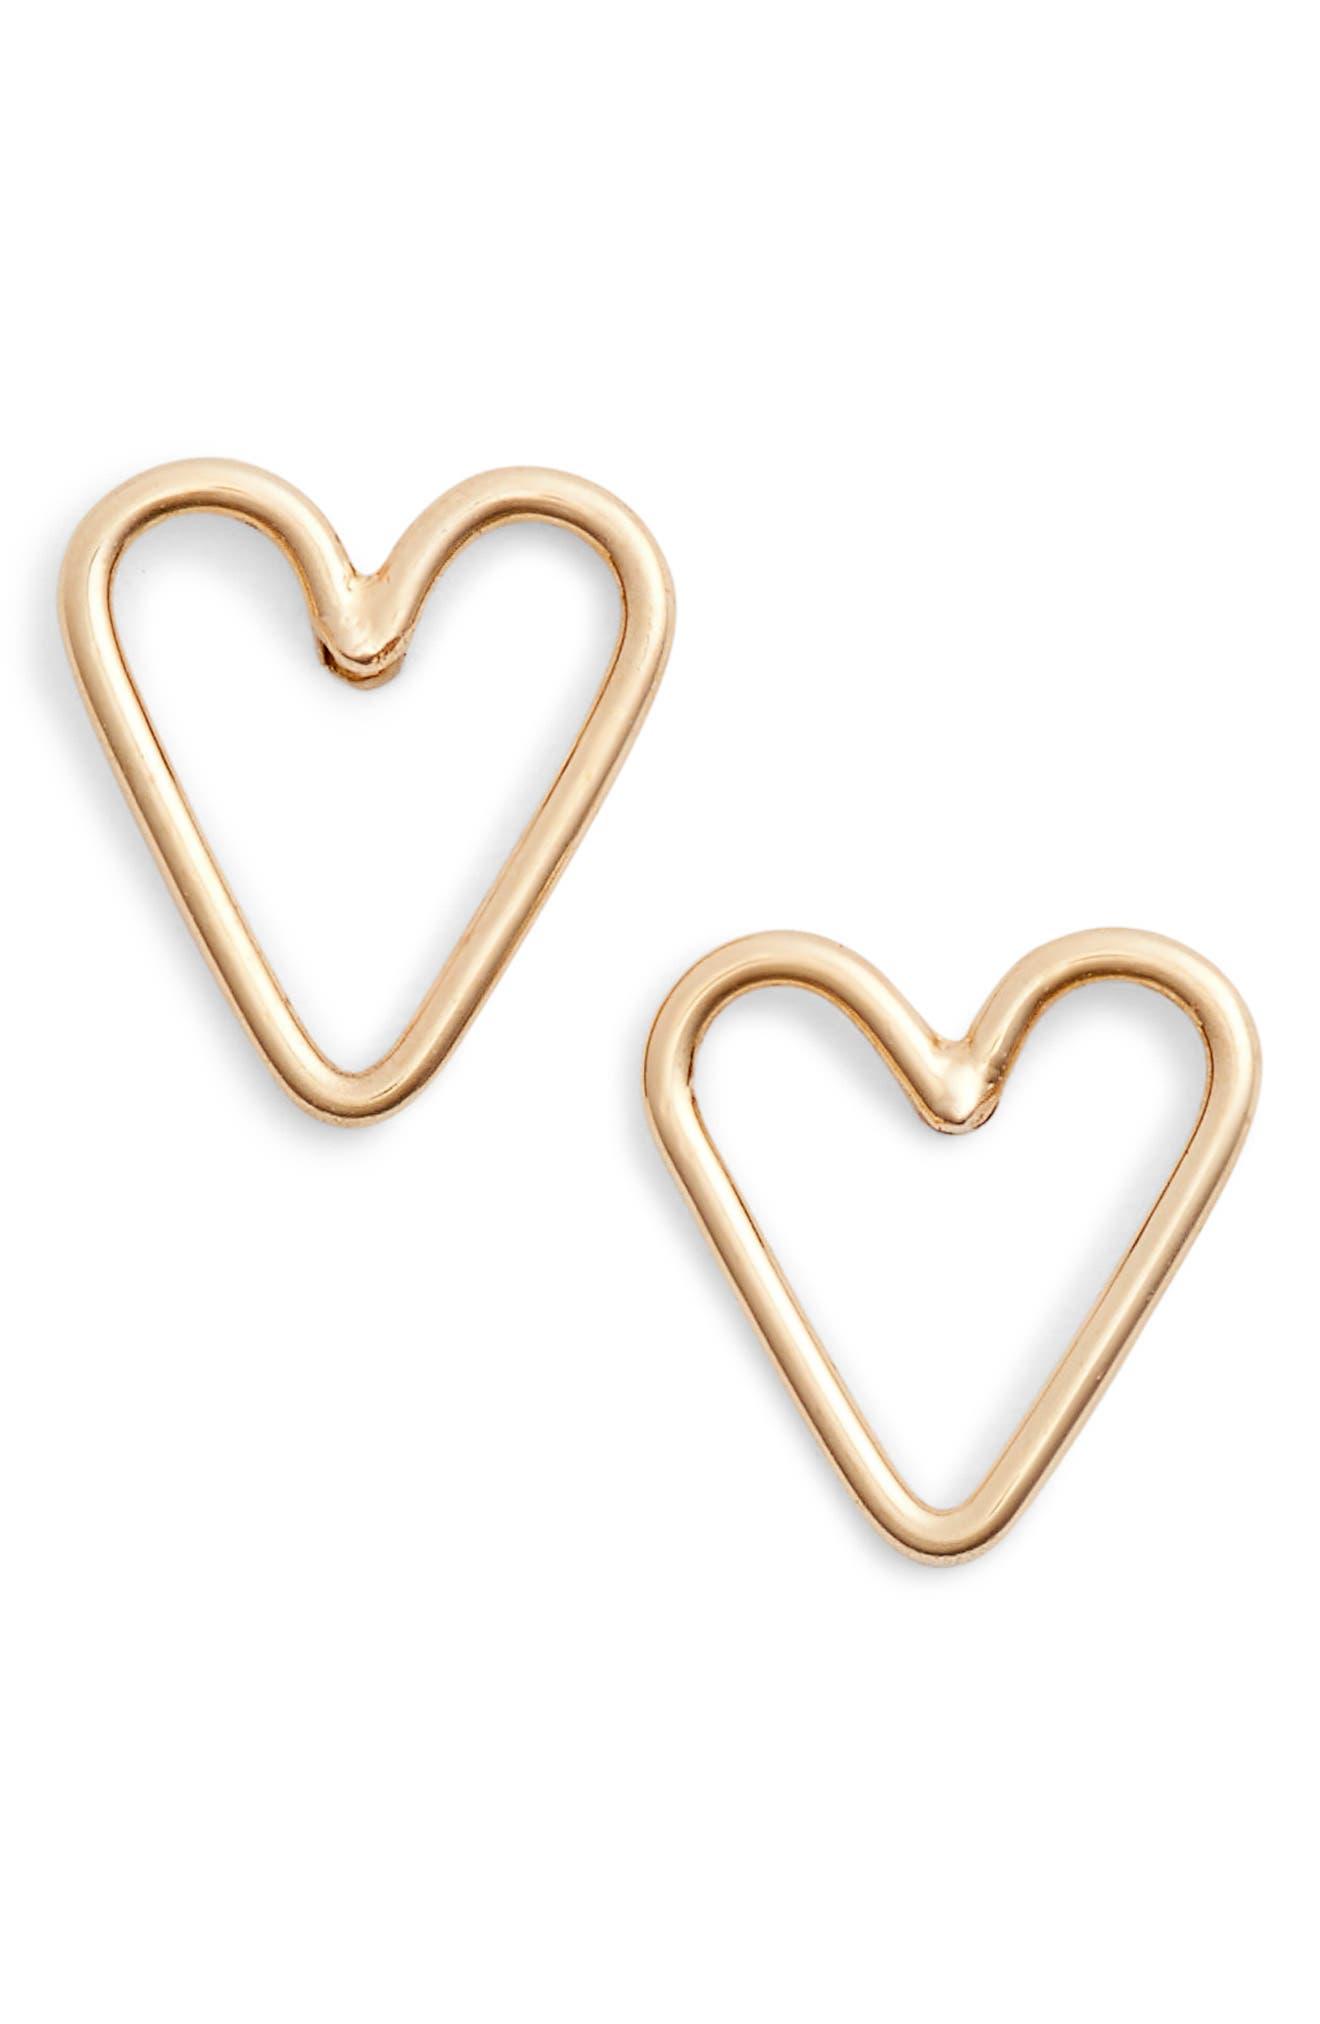 Main Image - Zoë Chicco Open Heart Stud Earrings